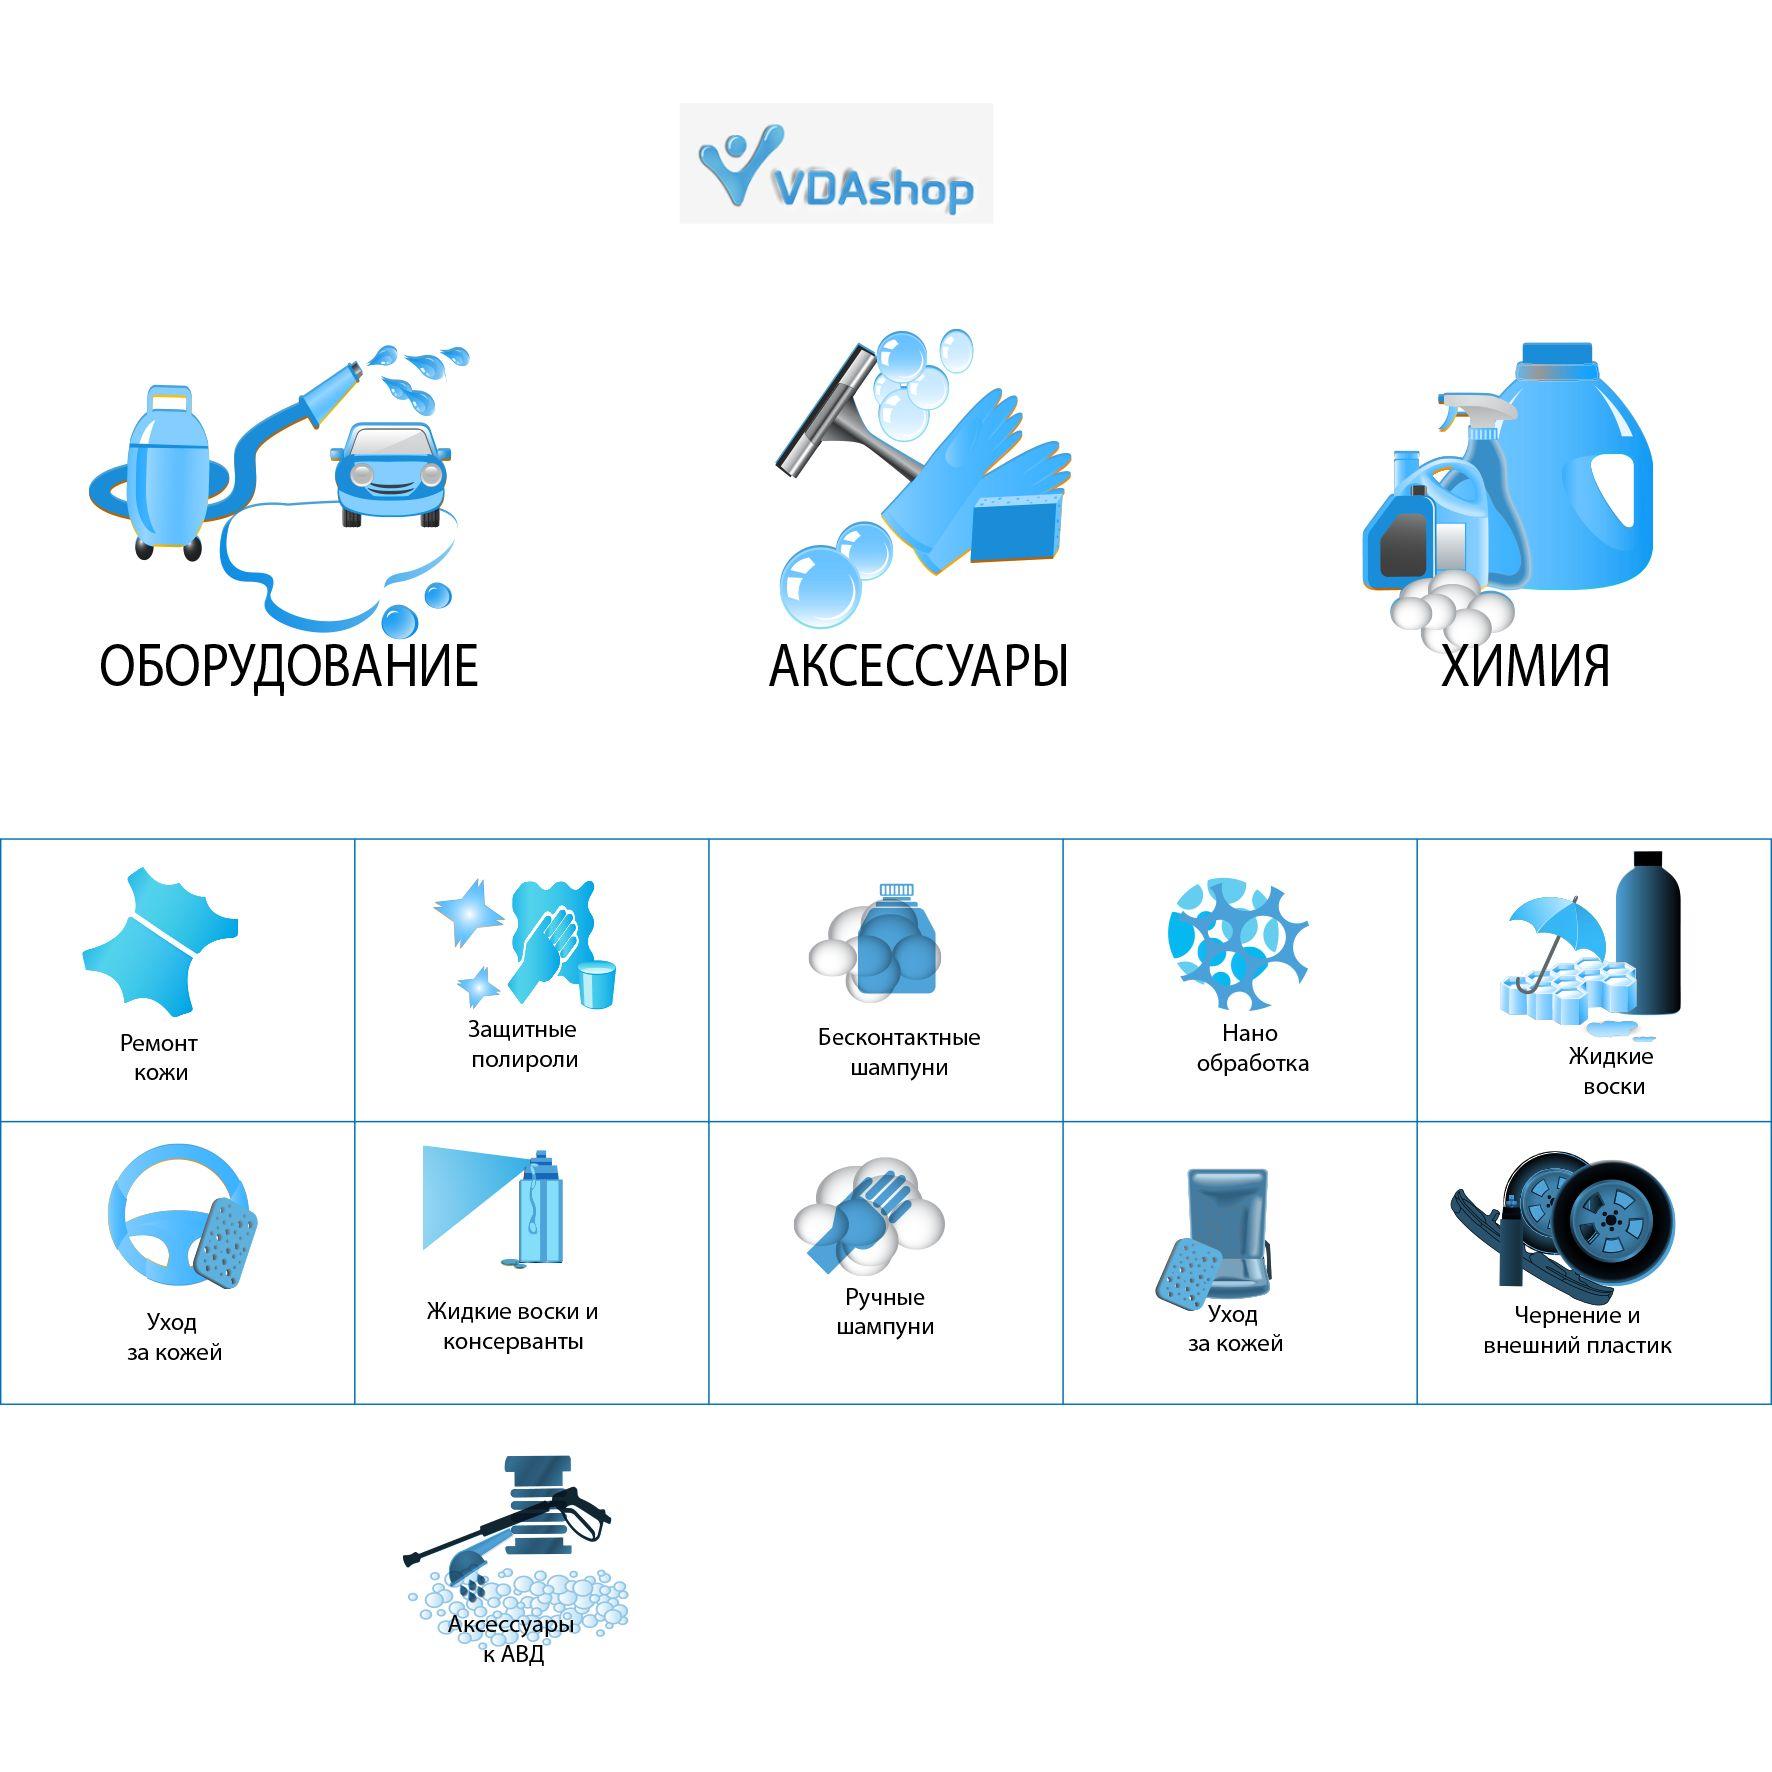 Иконки категорий для сайта автокосметики - дизайнер Garryko